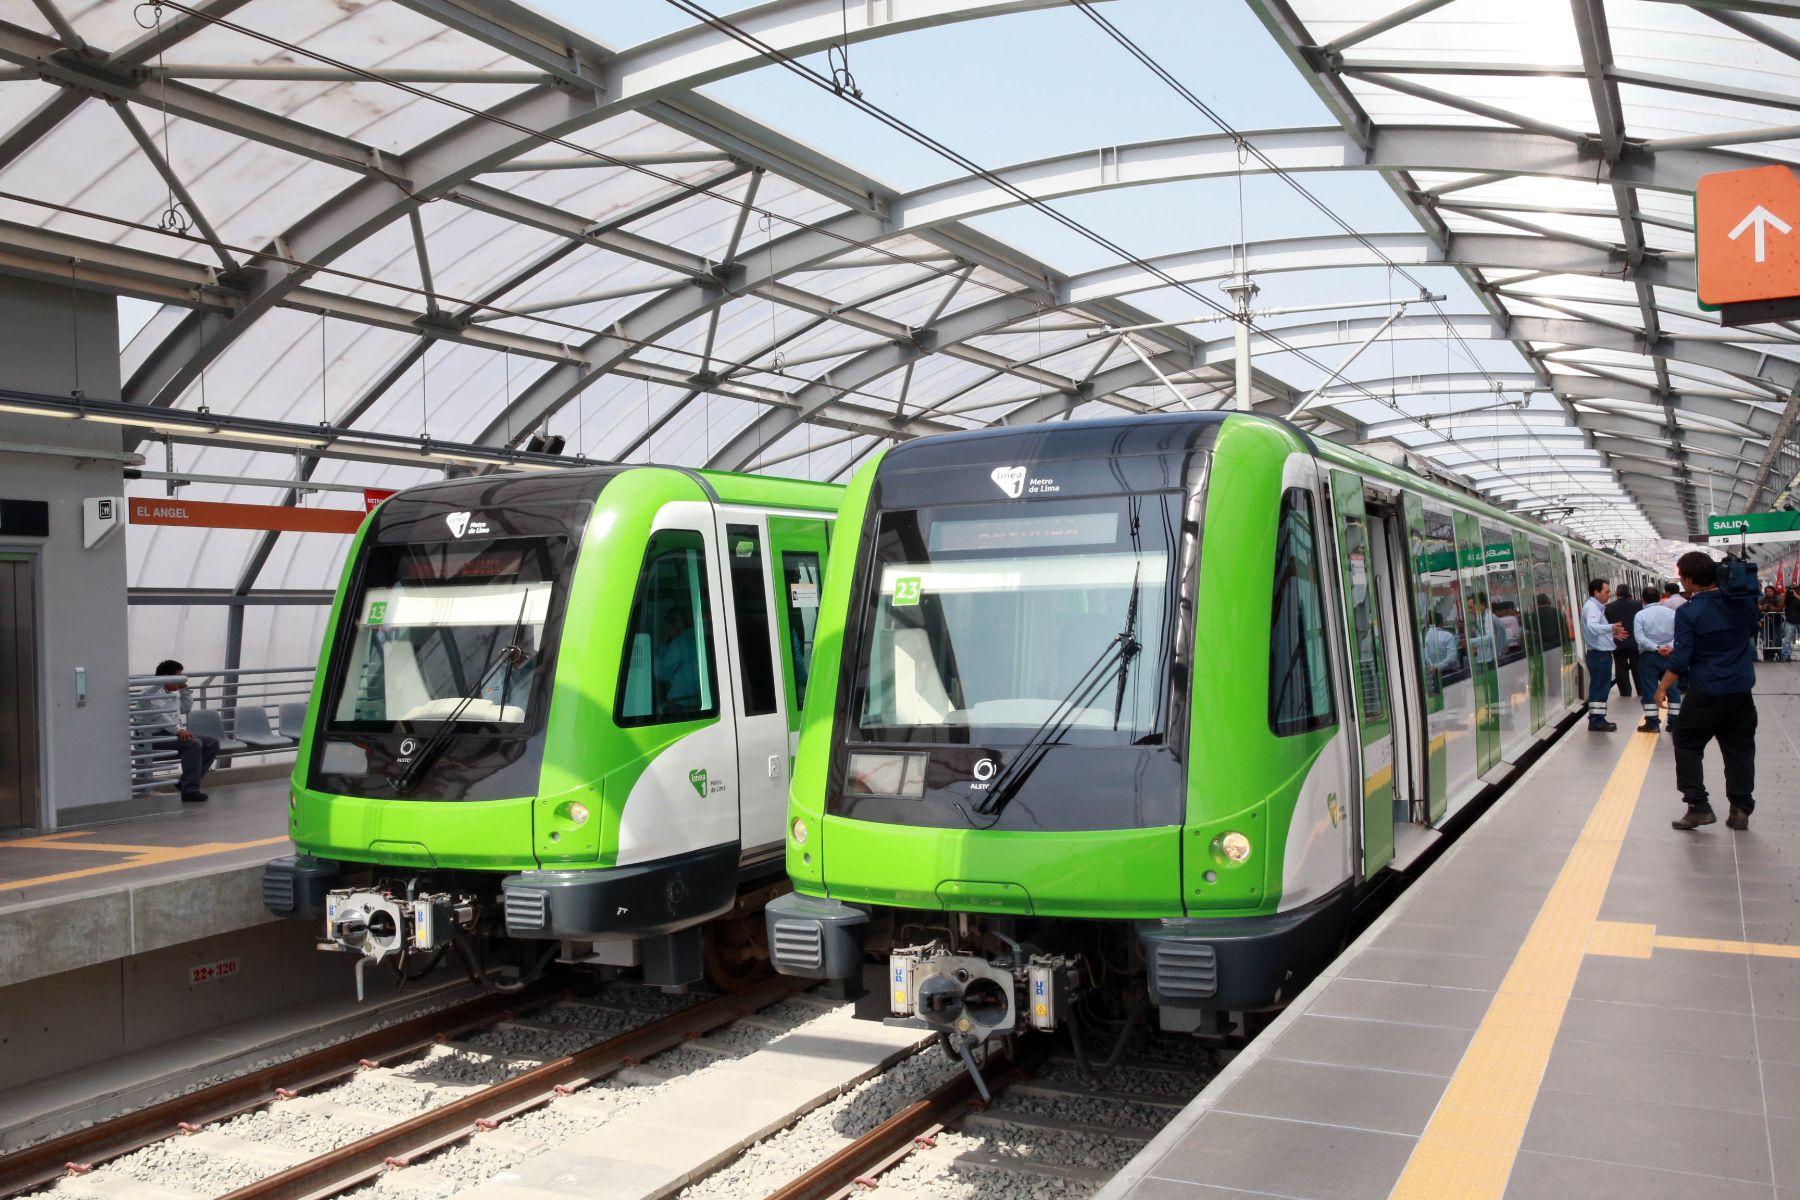 Metro de Lima (Horizonte 2025): Xefirothzz; Unas fotos de la Linea 1